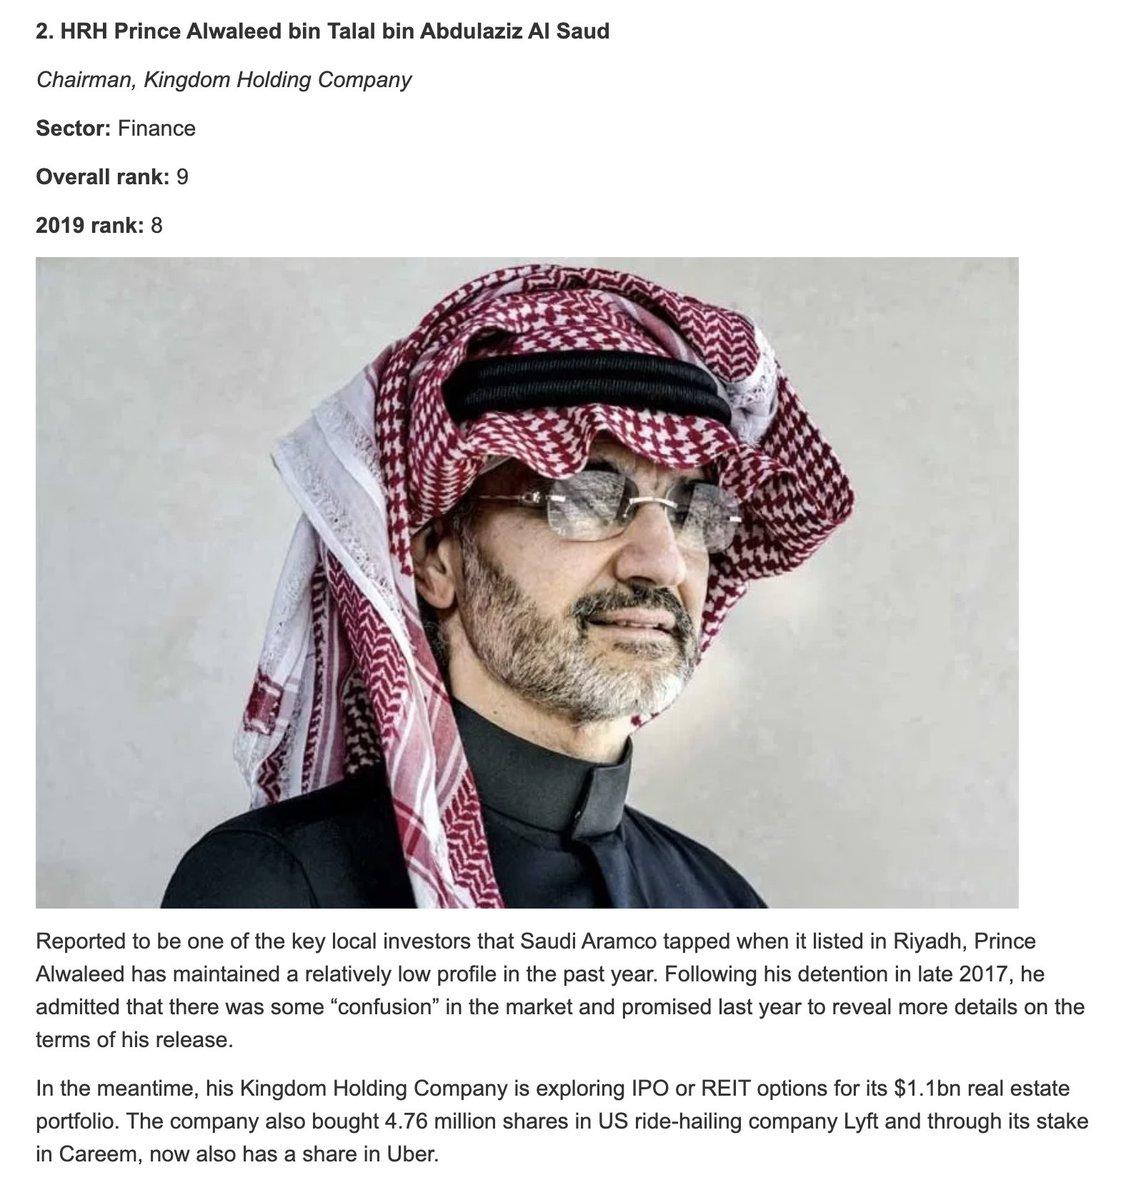 رئيس مجلس الإدارة صاحب السمو الملكي الأمير @Alwaleed_Talal ضمن قوائم @GulfBusiness: - اقوى ٥ شخصيات عربية بعالم المال لعام 2020 - اقوى ٥ شخصيات سعودية لعام 2020  The Chairman HRH @Alwaleed_Talal listed in 2020: - Top 5 most powerful Arabs in finance - Top 5 most powerful Saudis